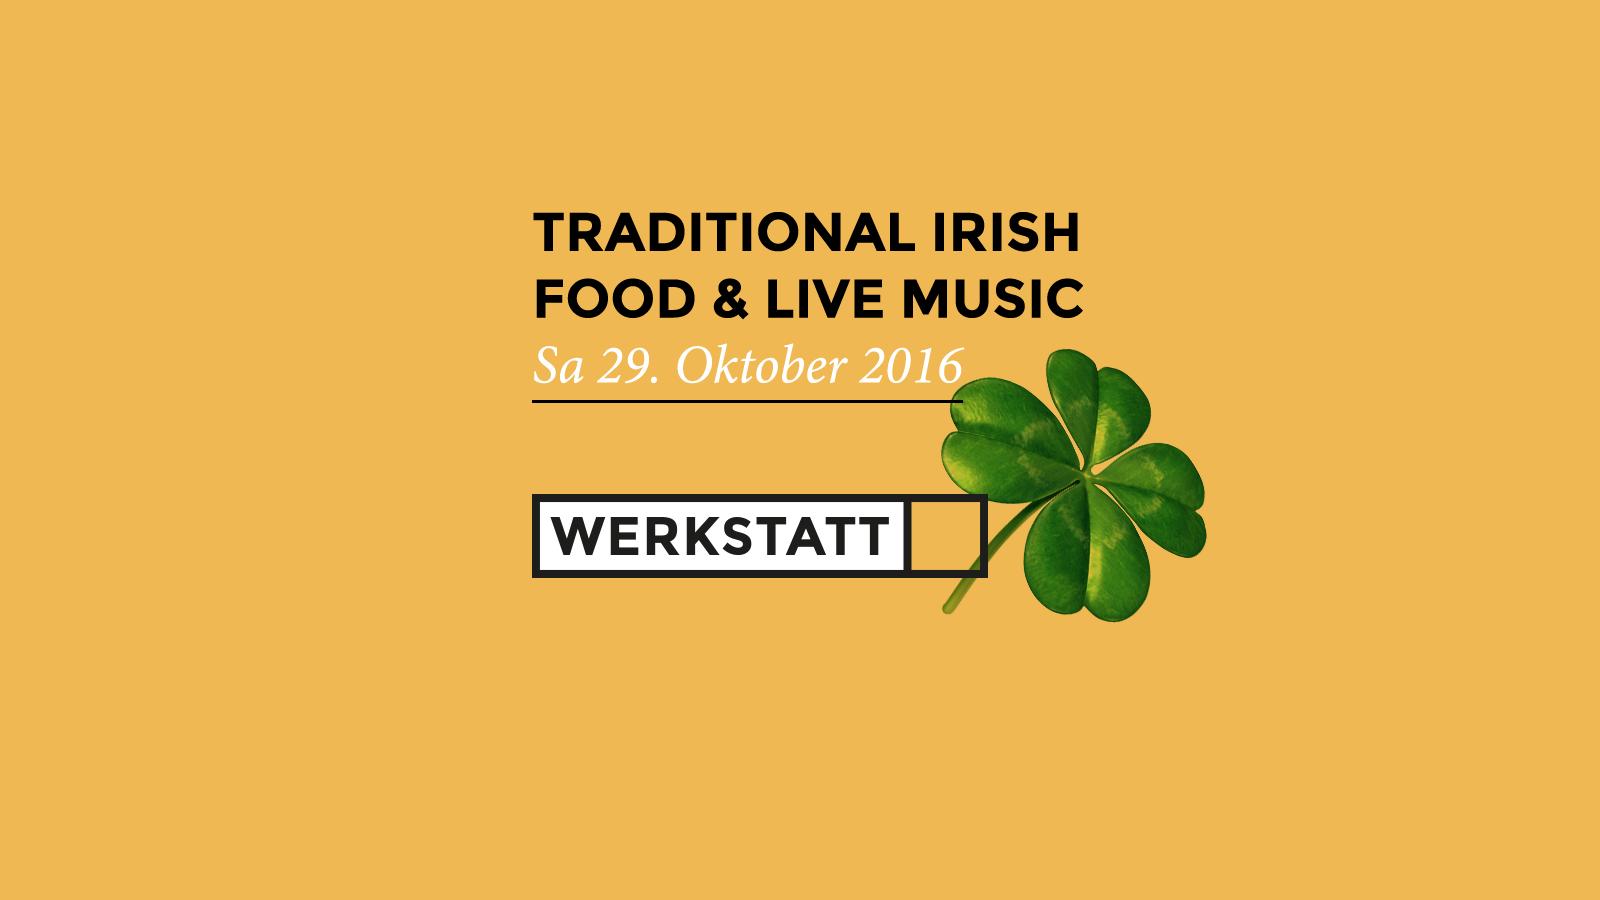 Irish_Veranstaltungsbild